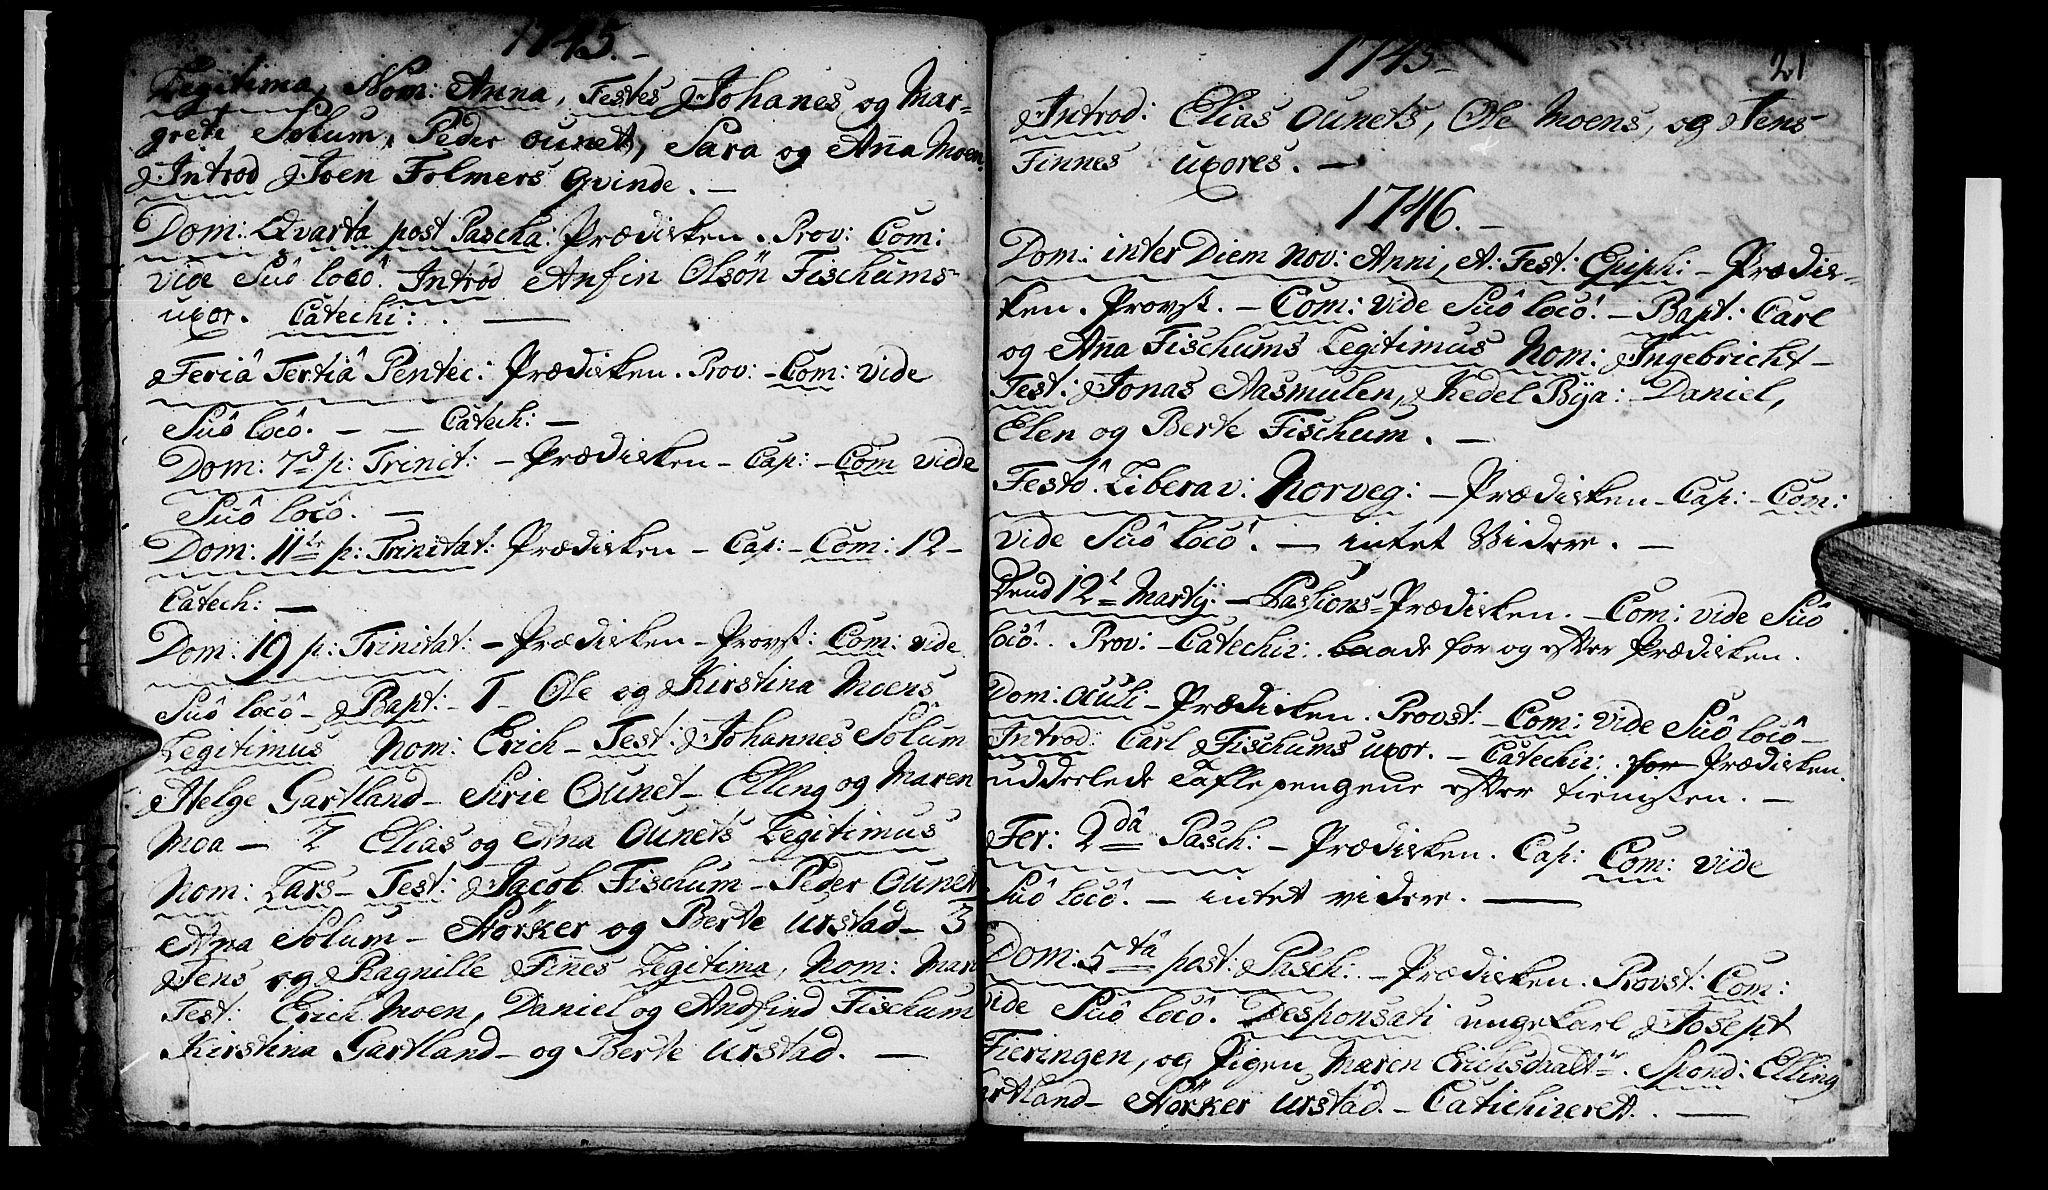 SAT, Ministerialprotokoller, klokkerbøker og fødselsregistre - Nord-Trøndelag, 759/L0525: Ministerialbok nr. 759A01, 1706-1748, s. 21